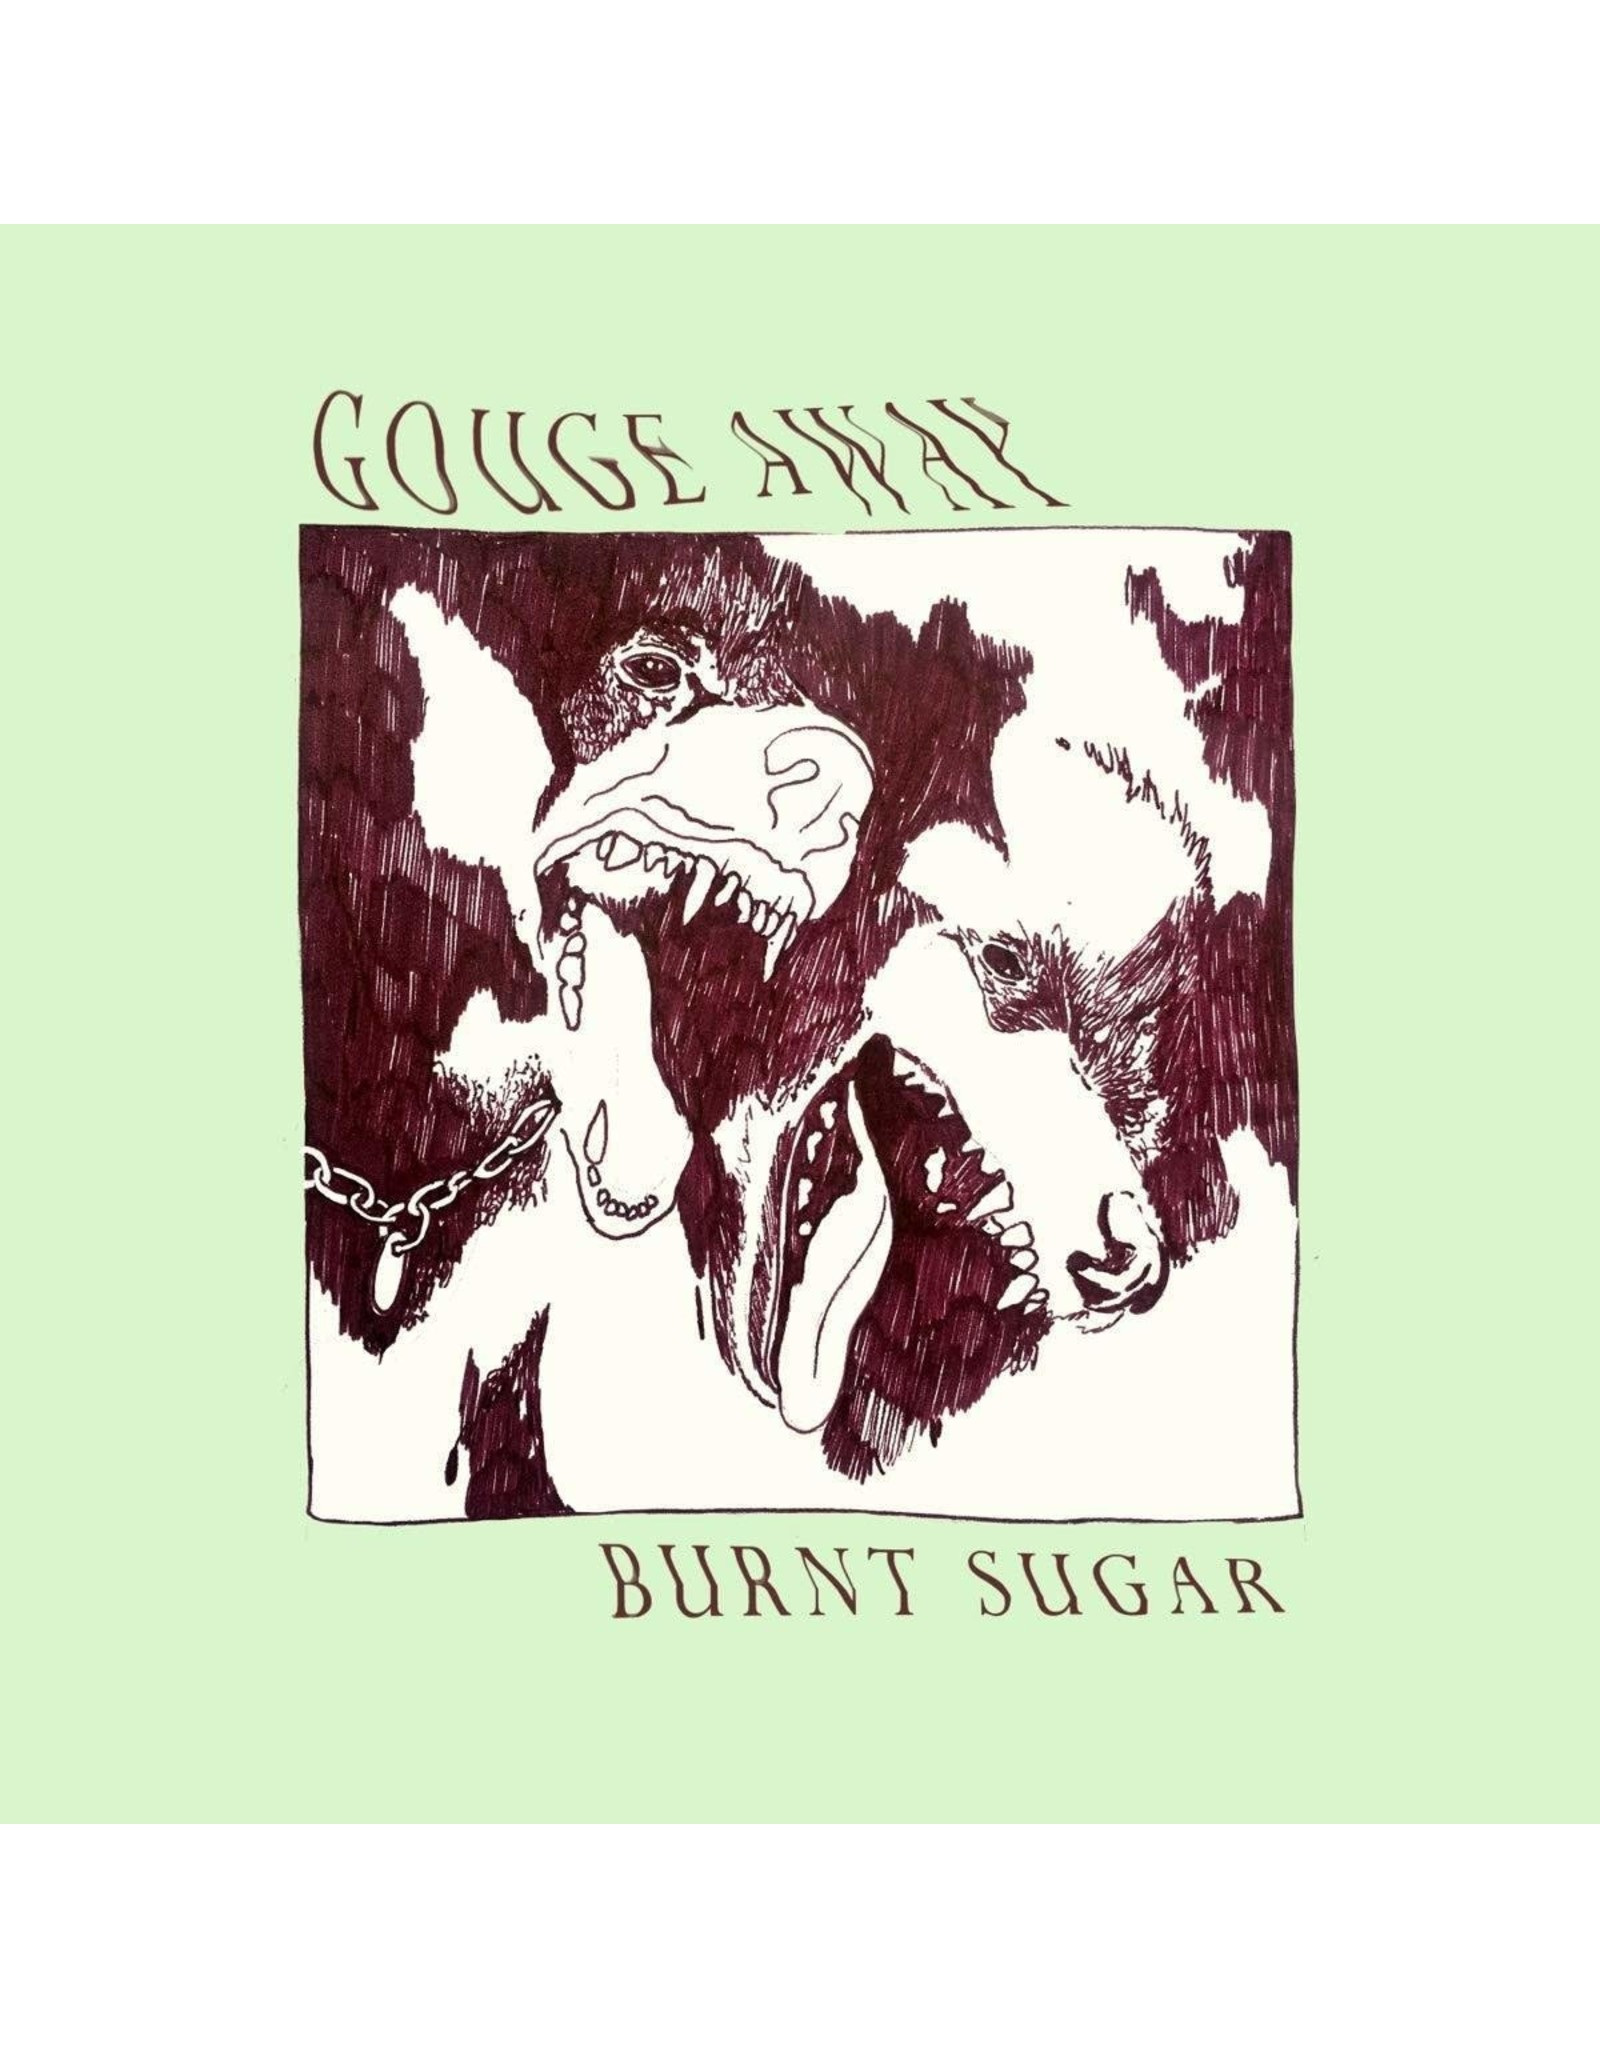 Gouge Away - Burnt Sugar CD